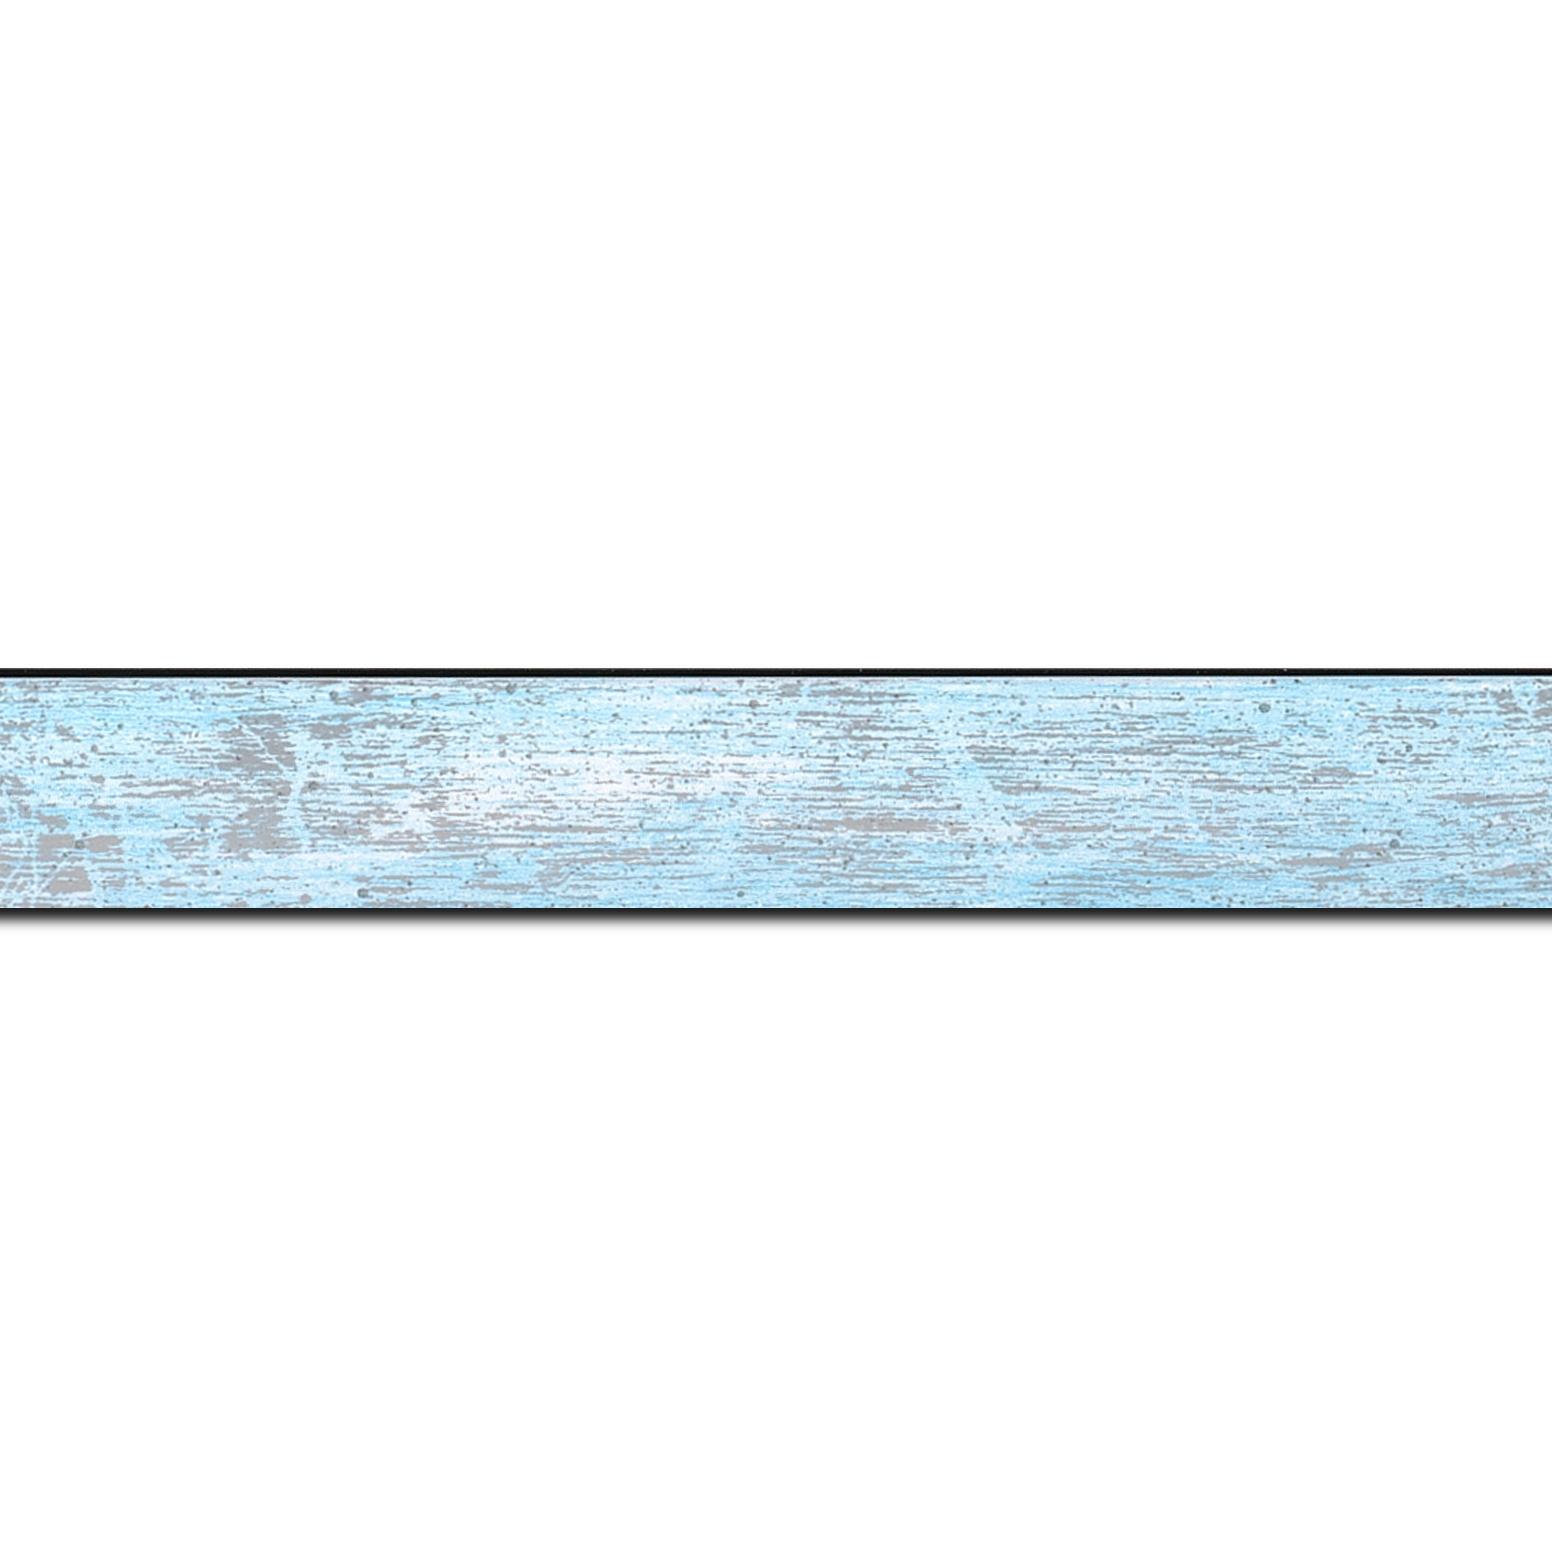 Baguette longueur 1.40m bois profil concave largeur 2.4cm de couleur bleu pale fond argent